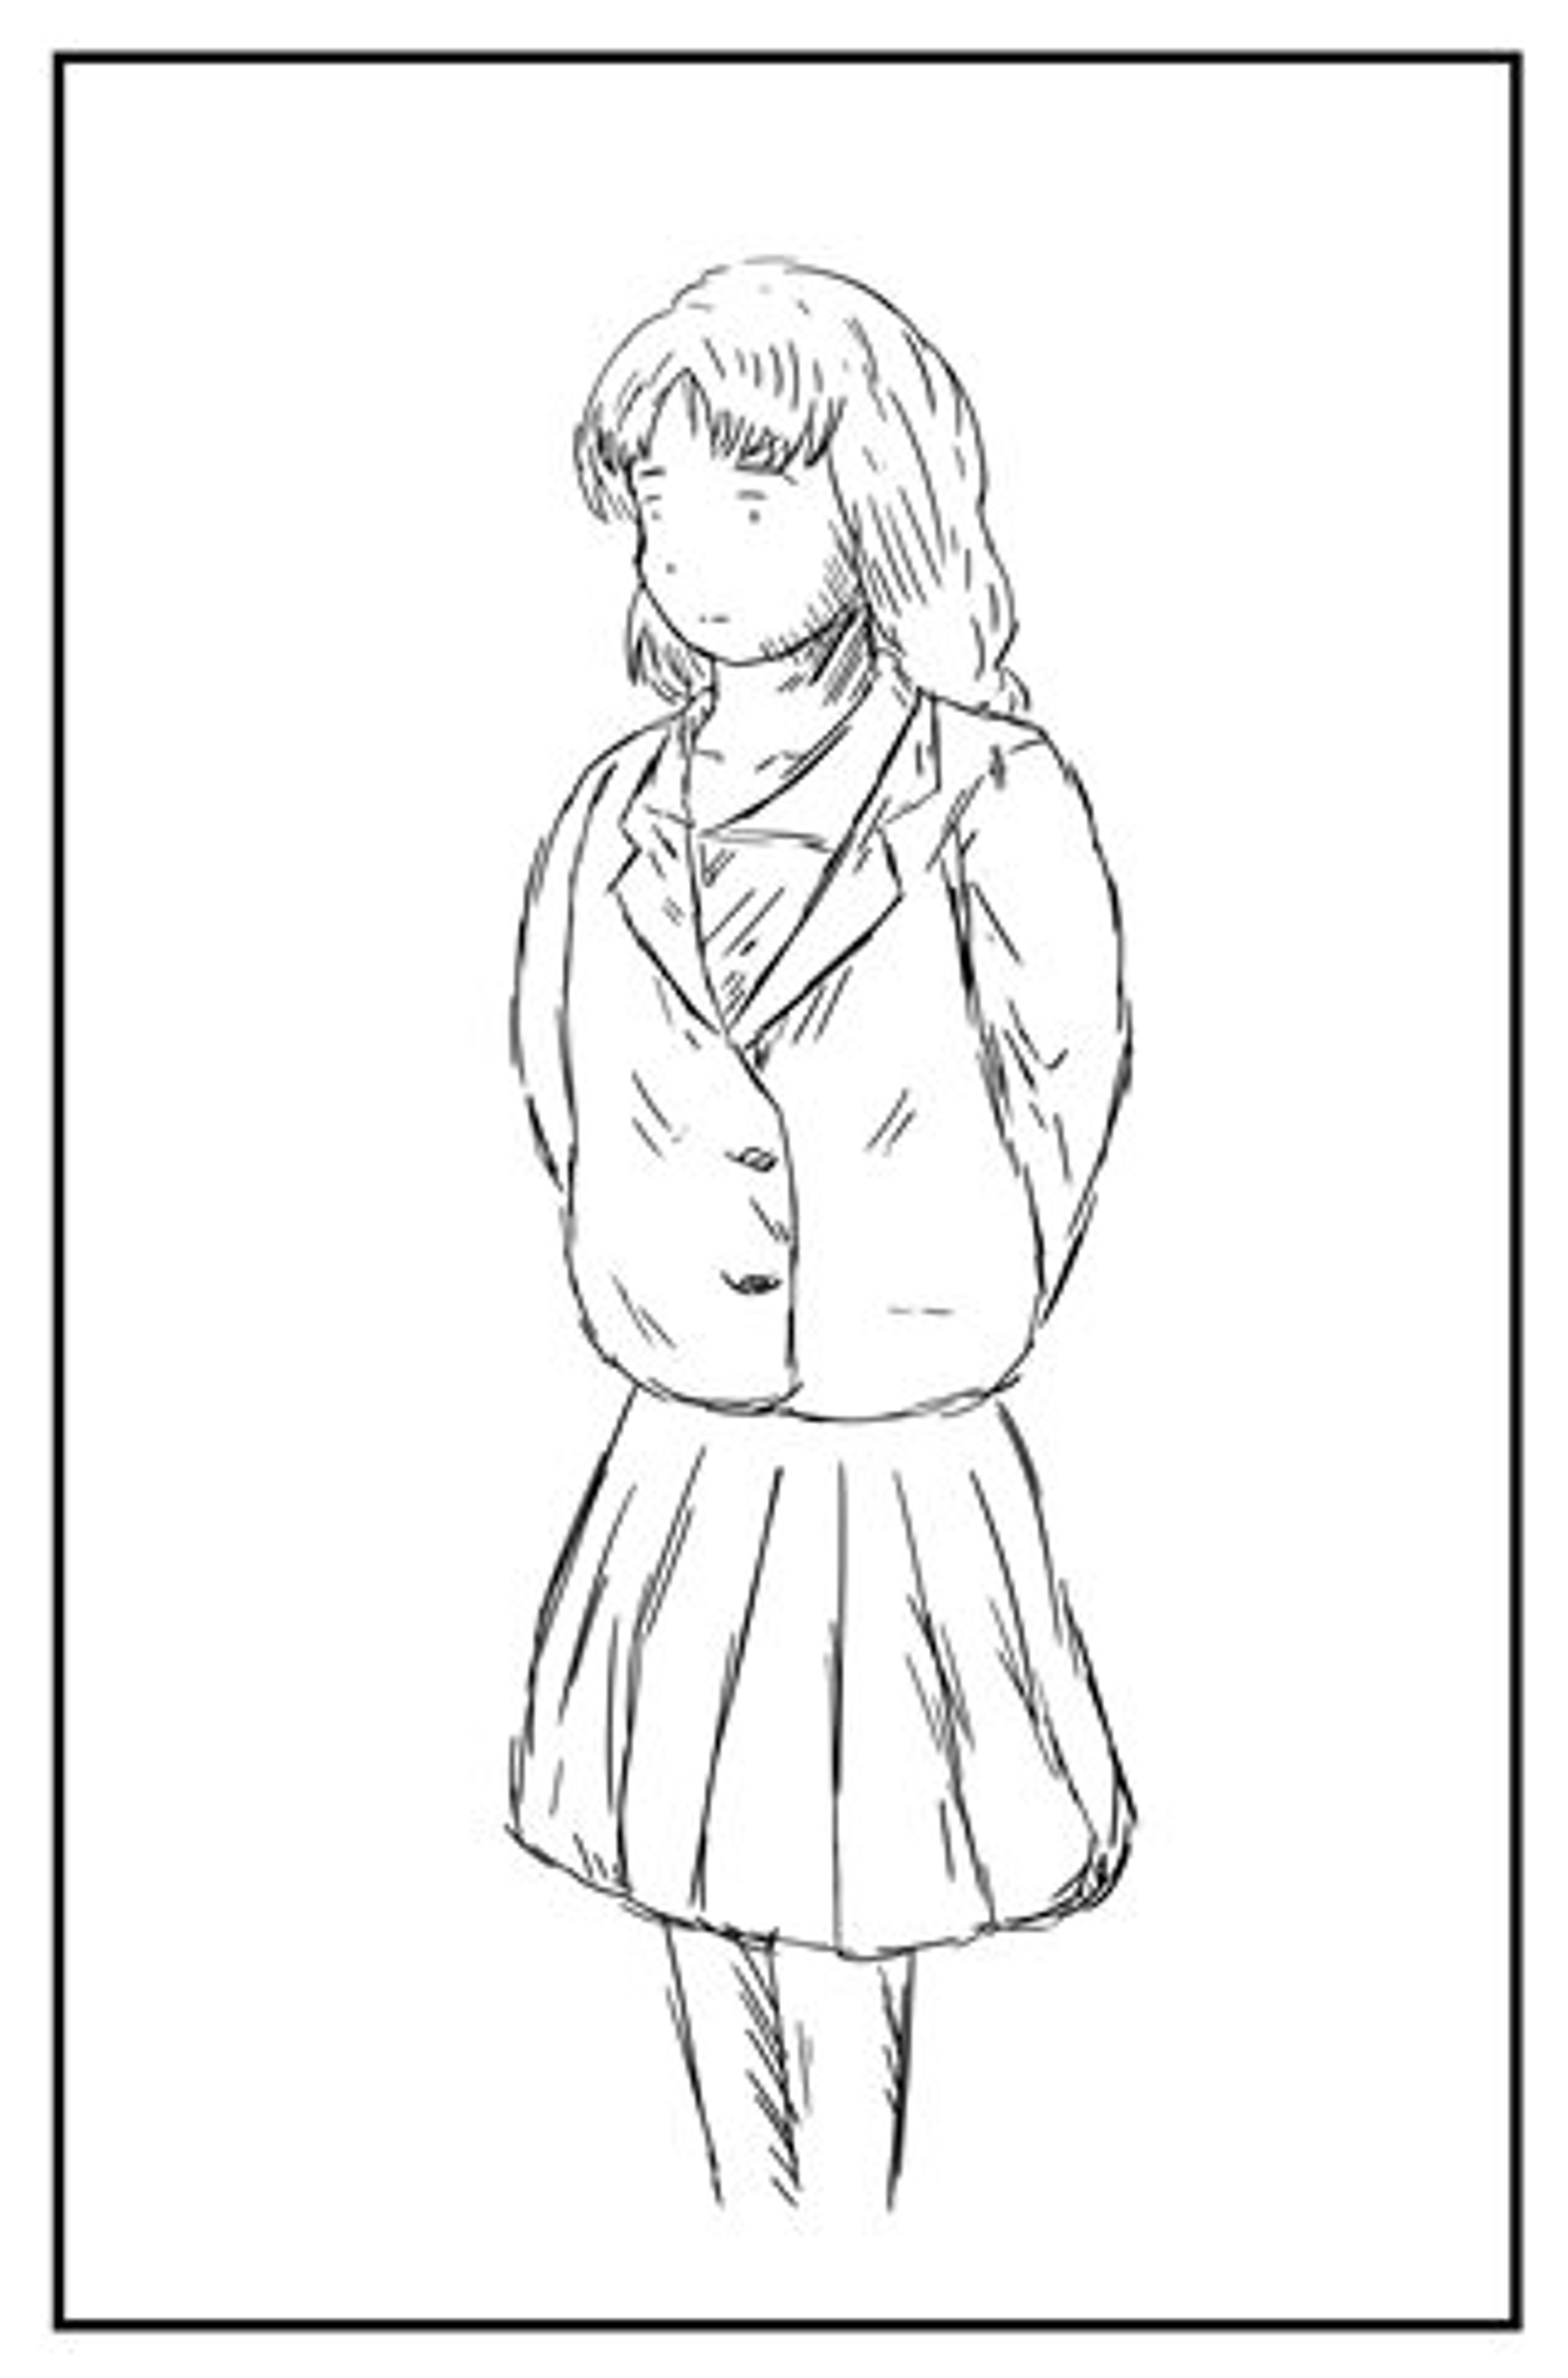 人物キャラクターの体のバランスあたりの取り方 漫画イラストの人物